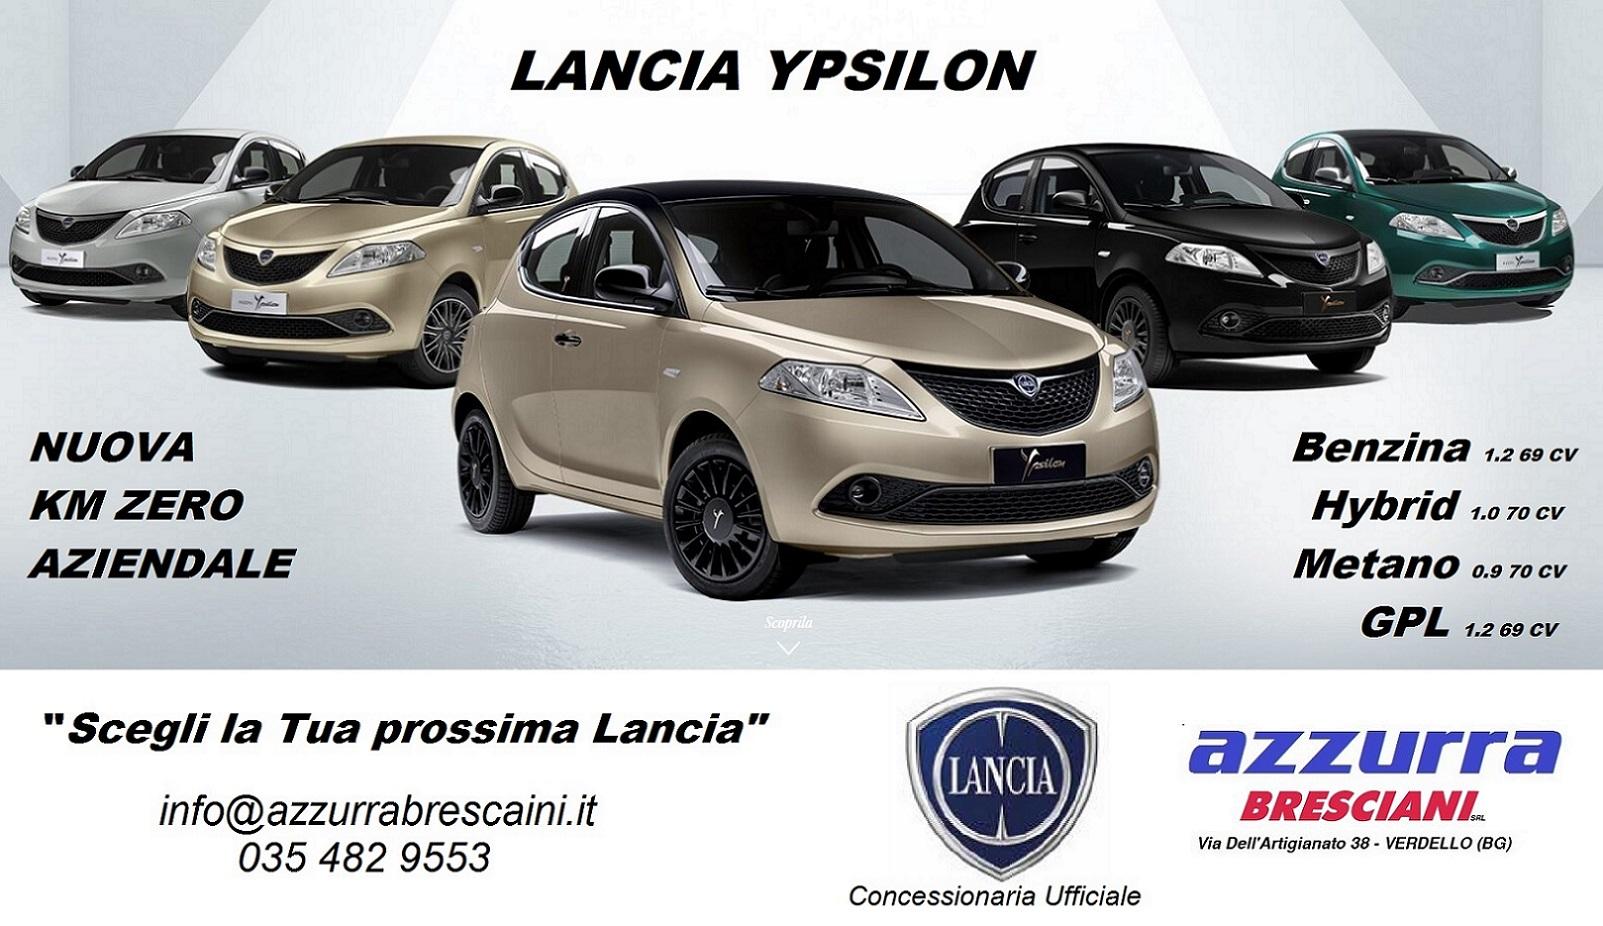 Nuova LANCIA Ypsilon TUTTA LA GAMMA